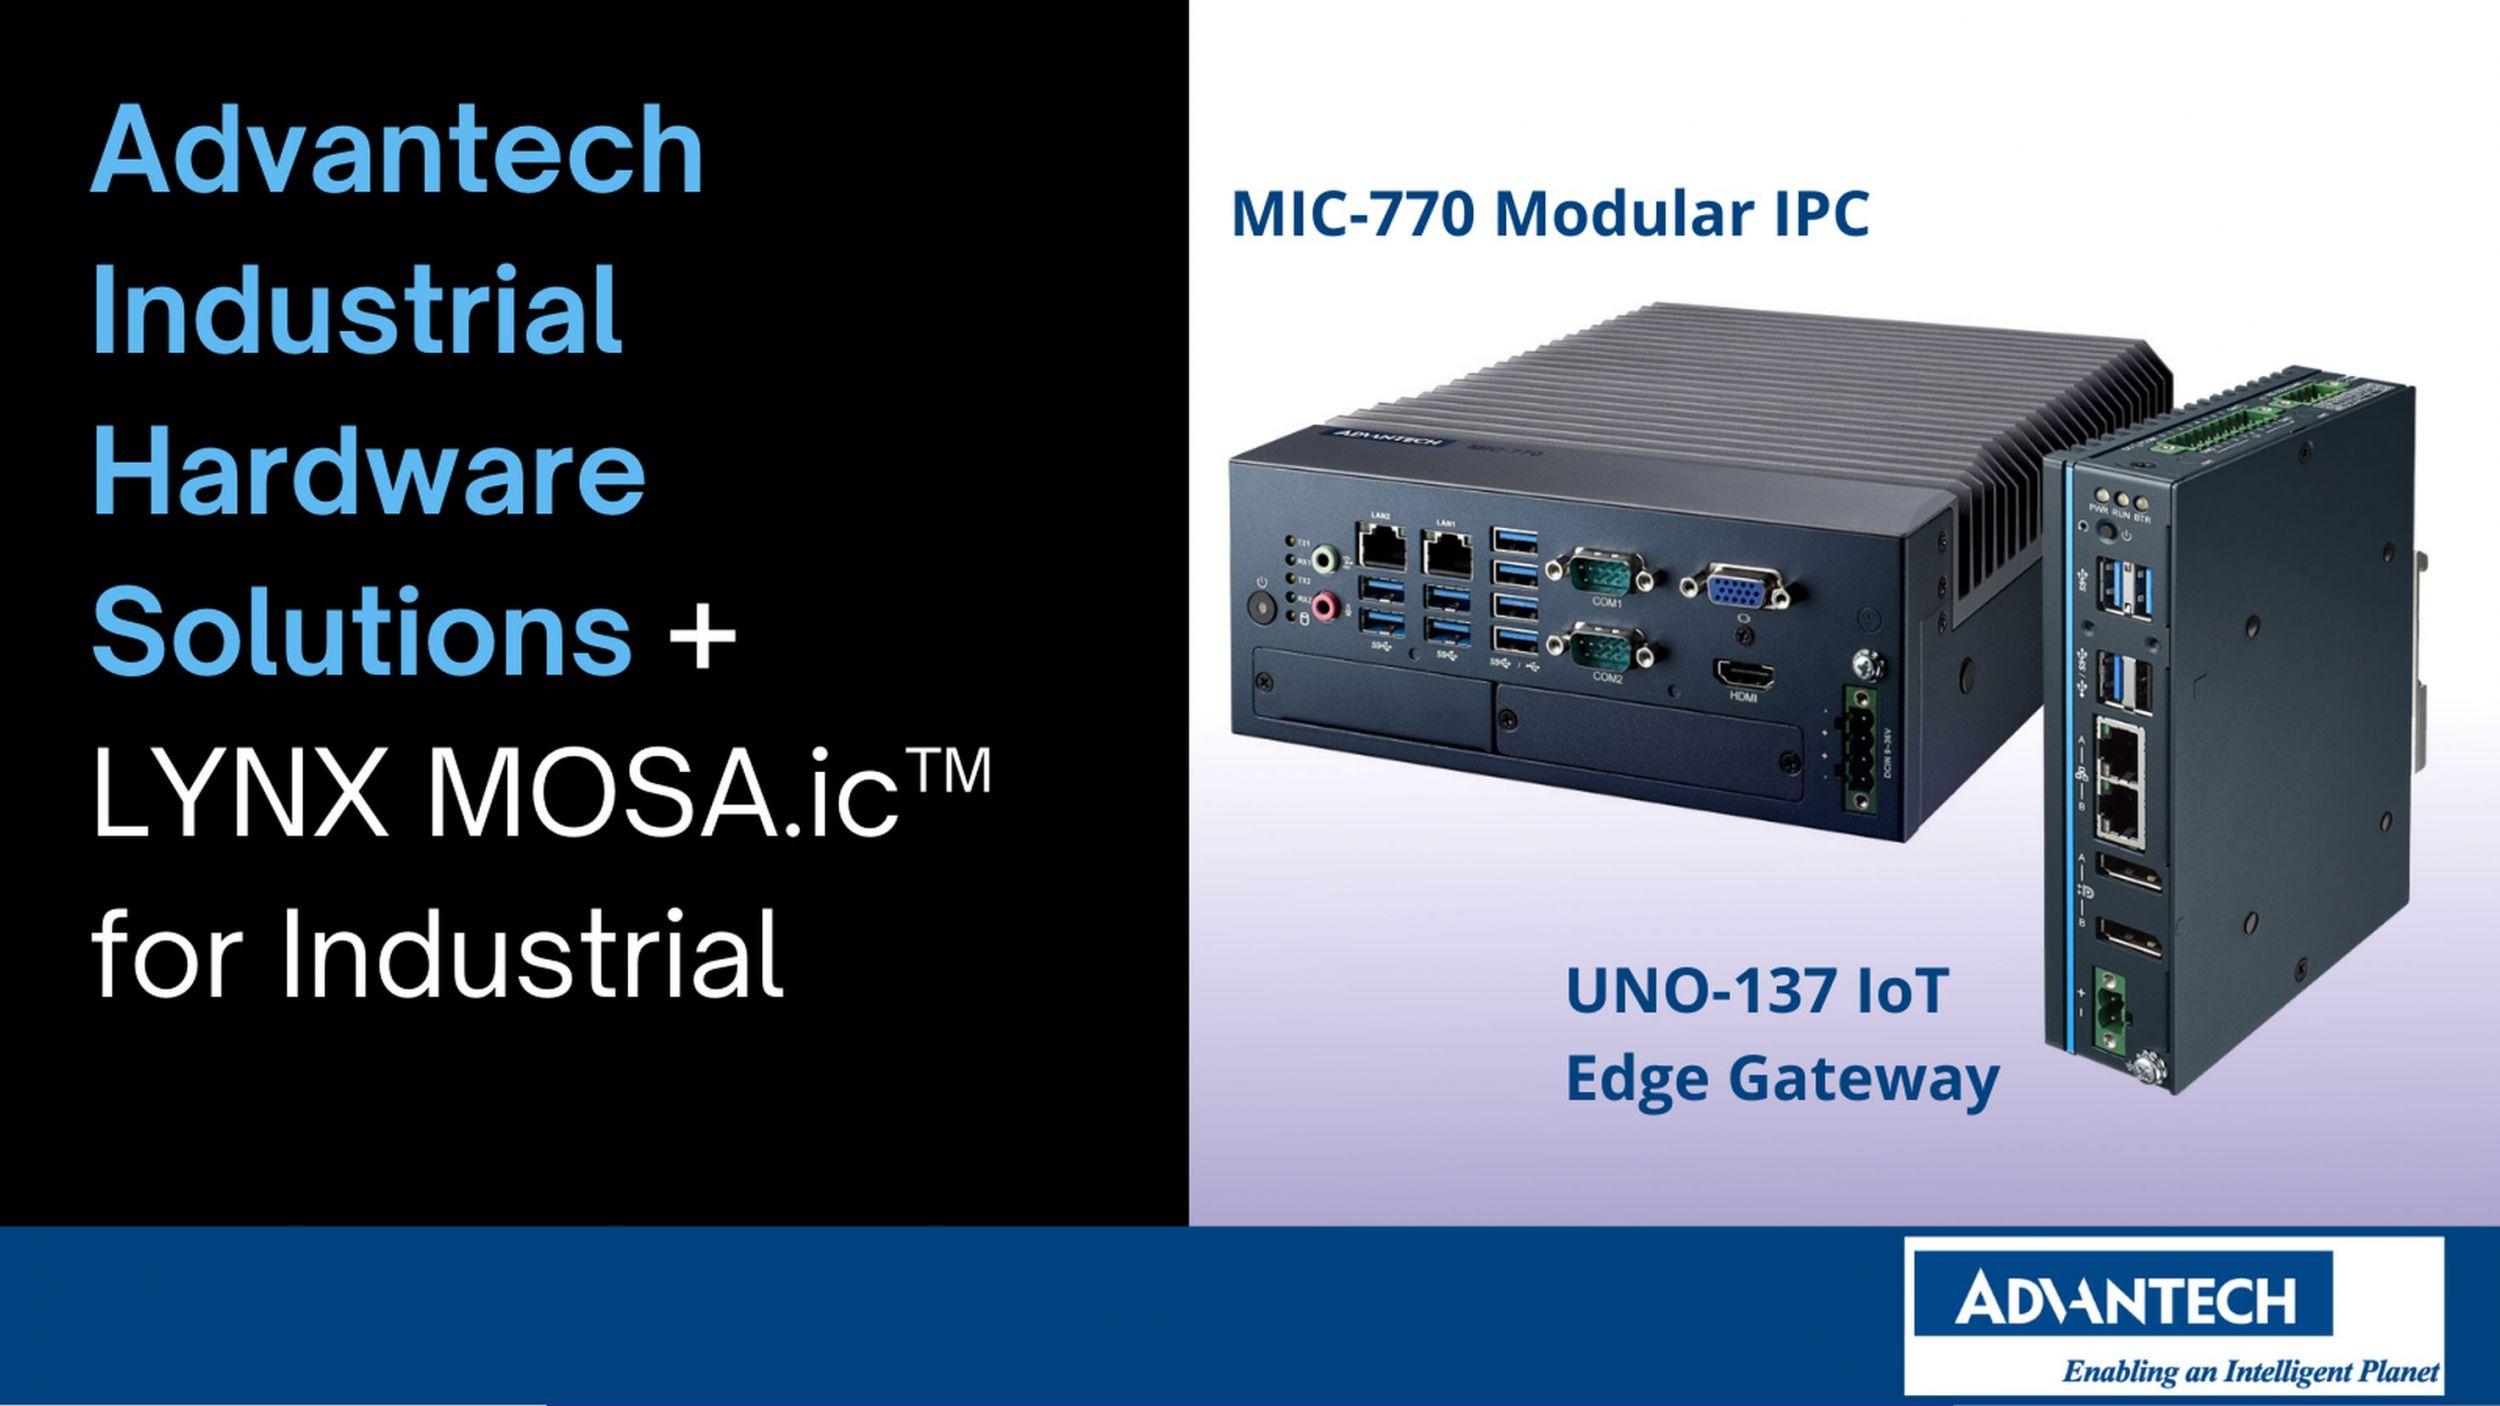 Advantech und Lynx kooperieren im Bereich IT/OT-Konvergenz